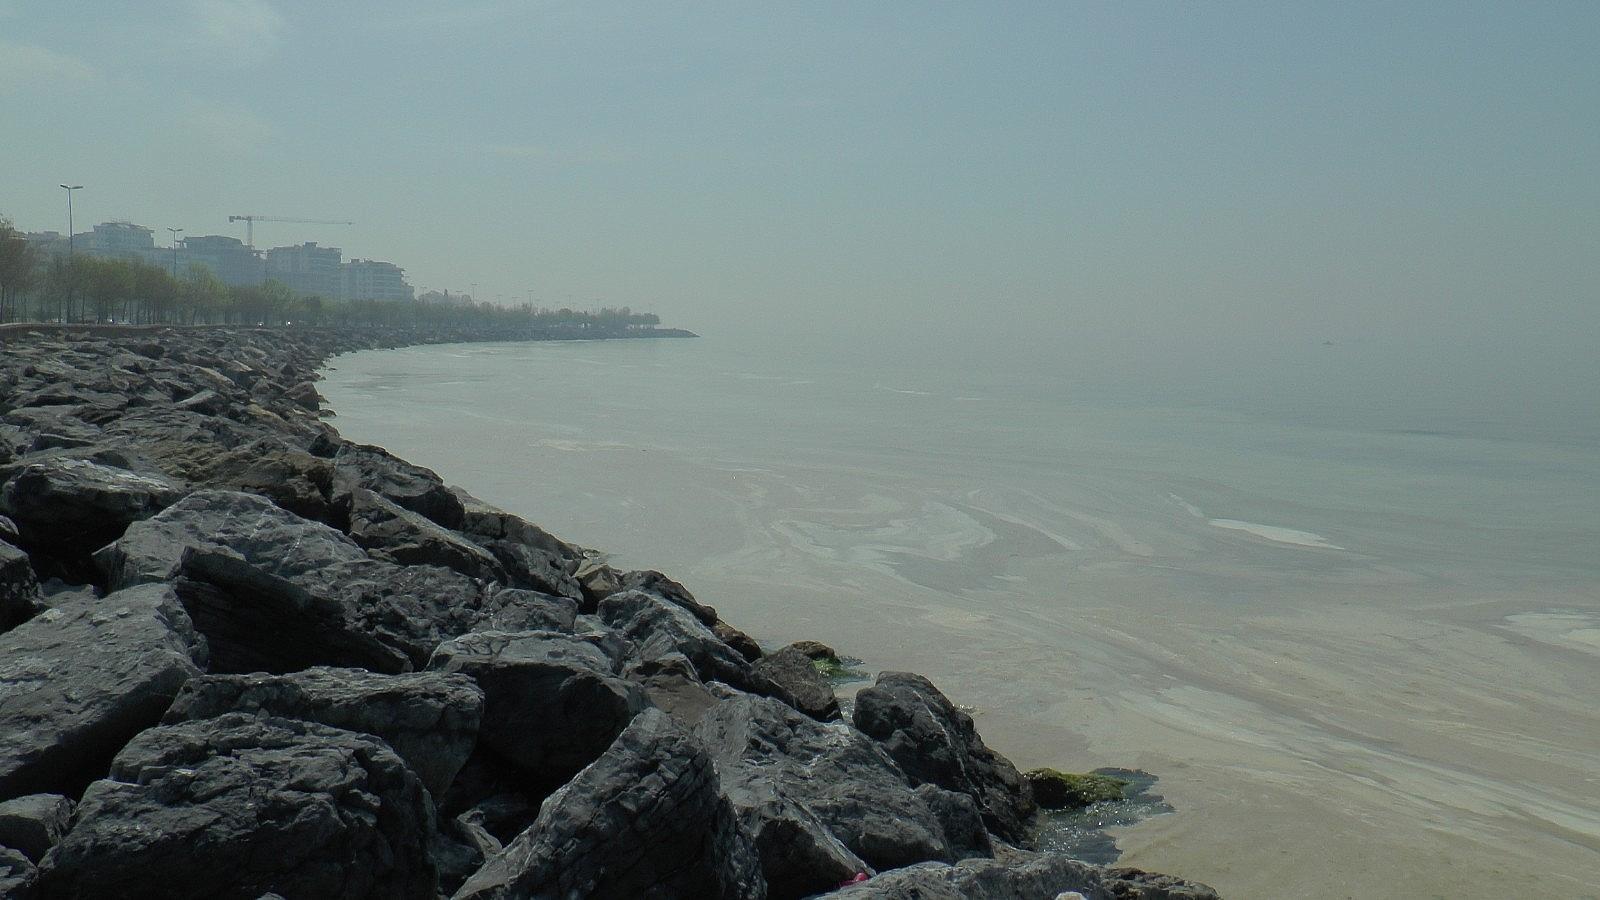 2021/05/deniz-salyasi-istilasi-pendik-sahillerine-kadar-geldi-20210430AW30-3.jpg